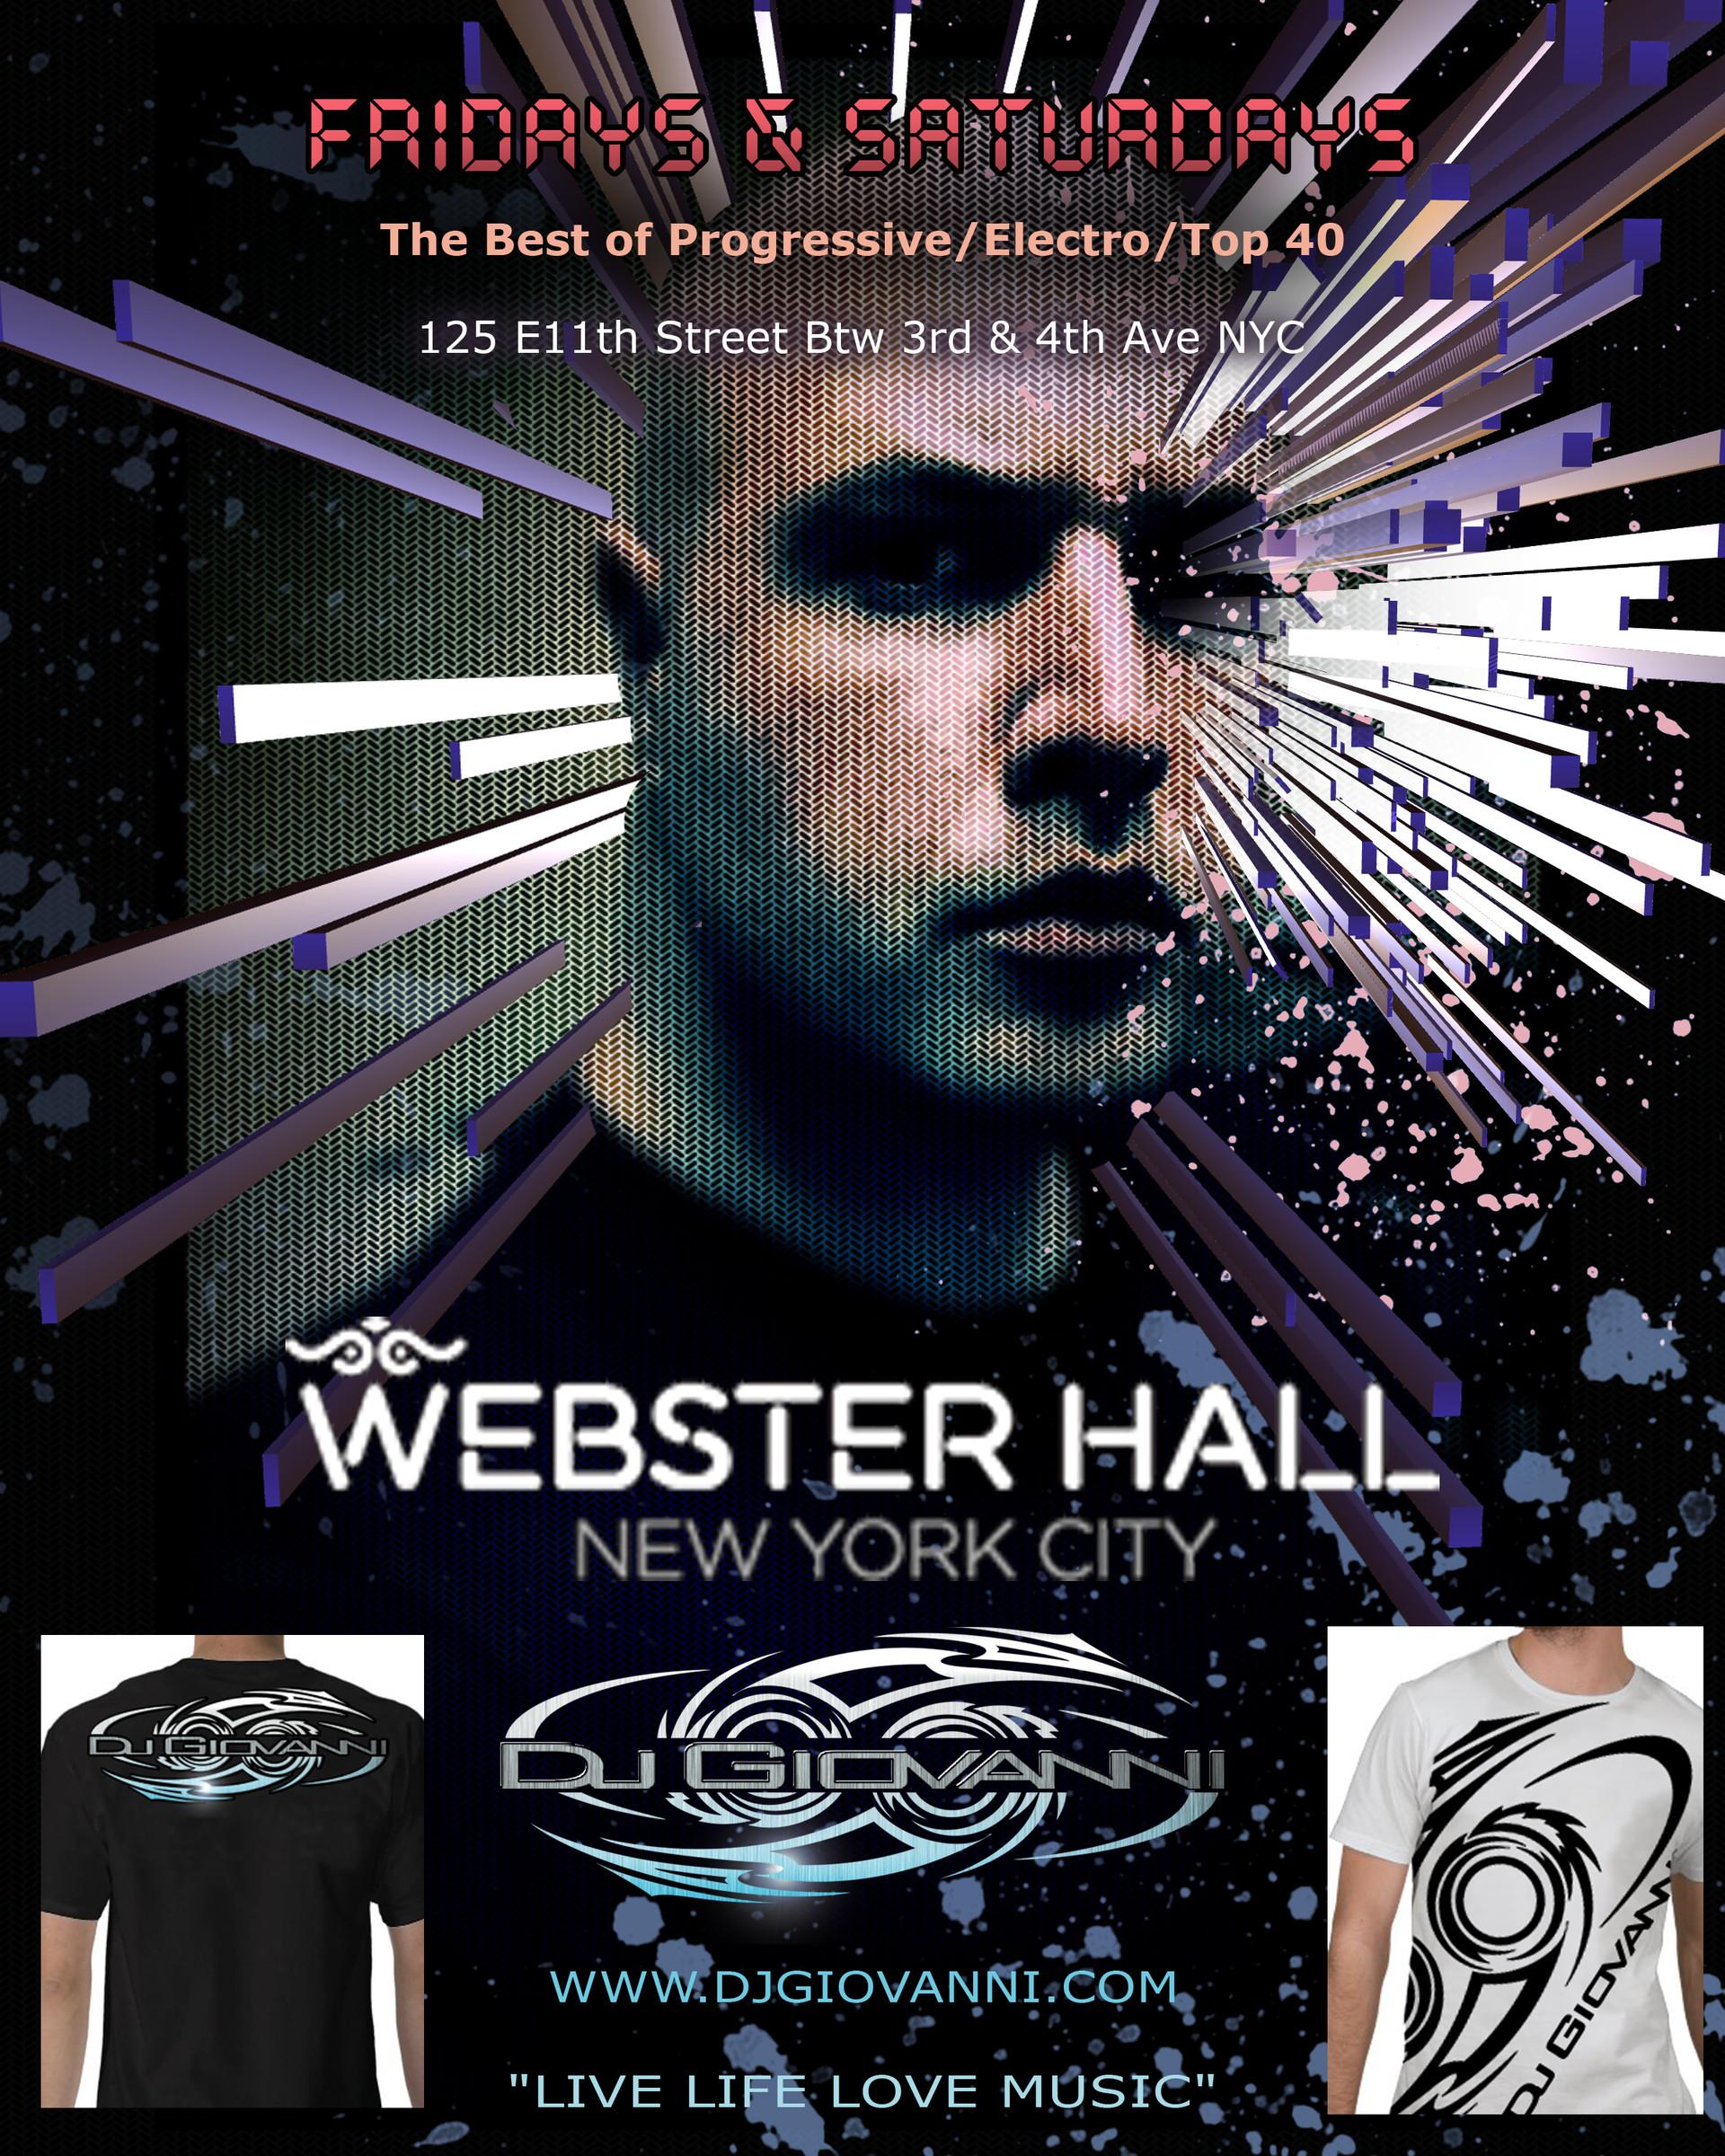 Poster Design For Webster Hall Event.